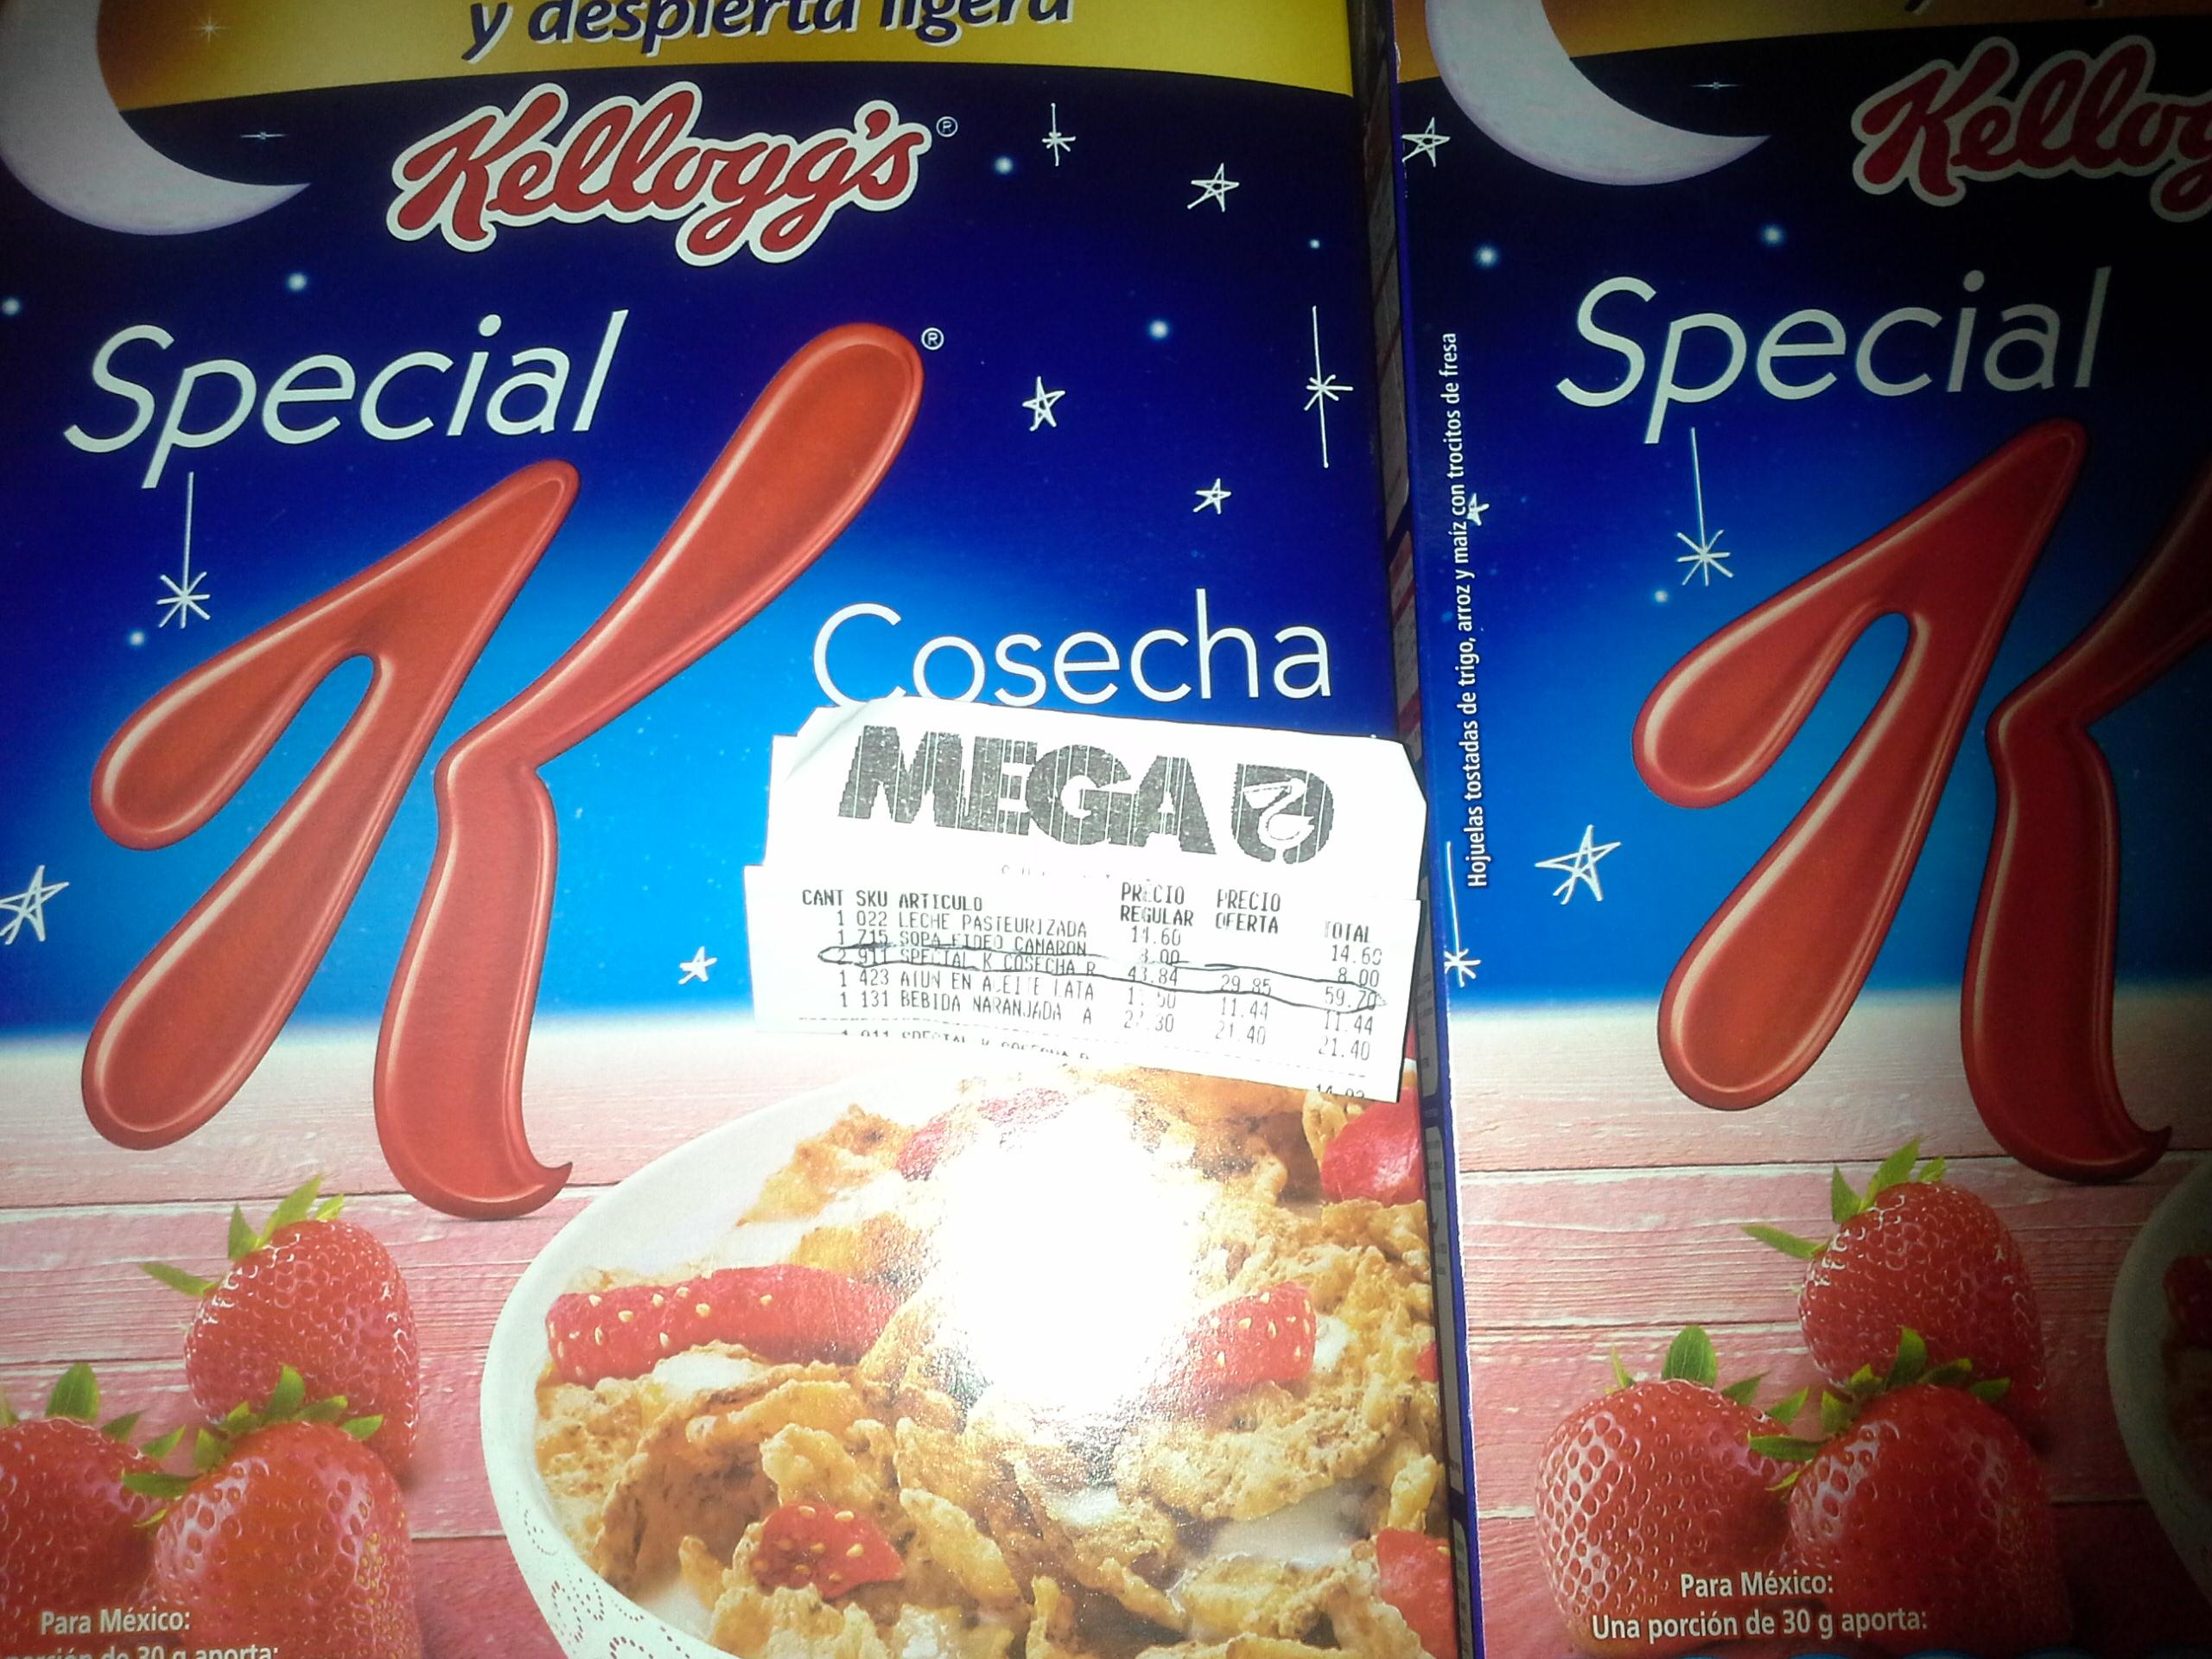 La Comer: Cereal Special K de $43.84 a $29.85 y la segunda a mitad de precio